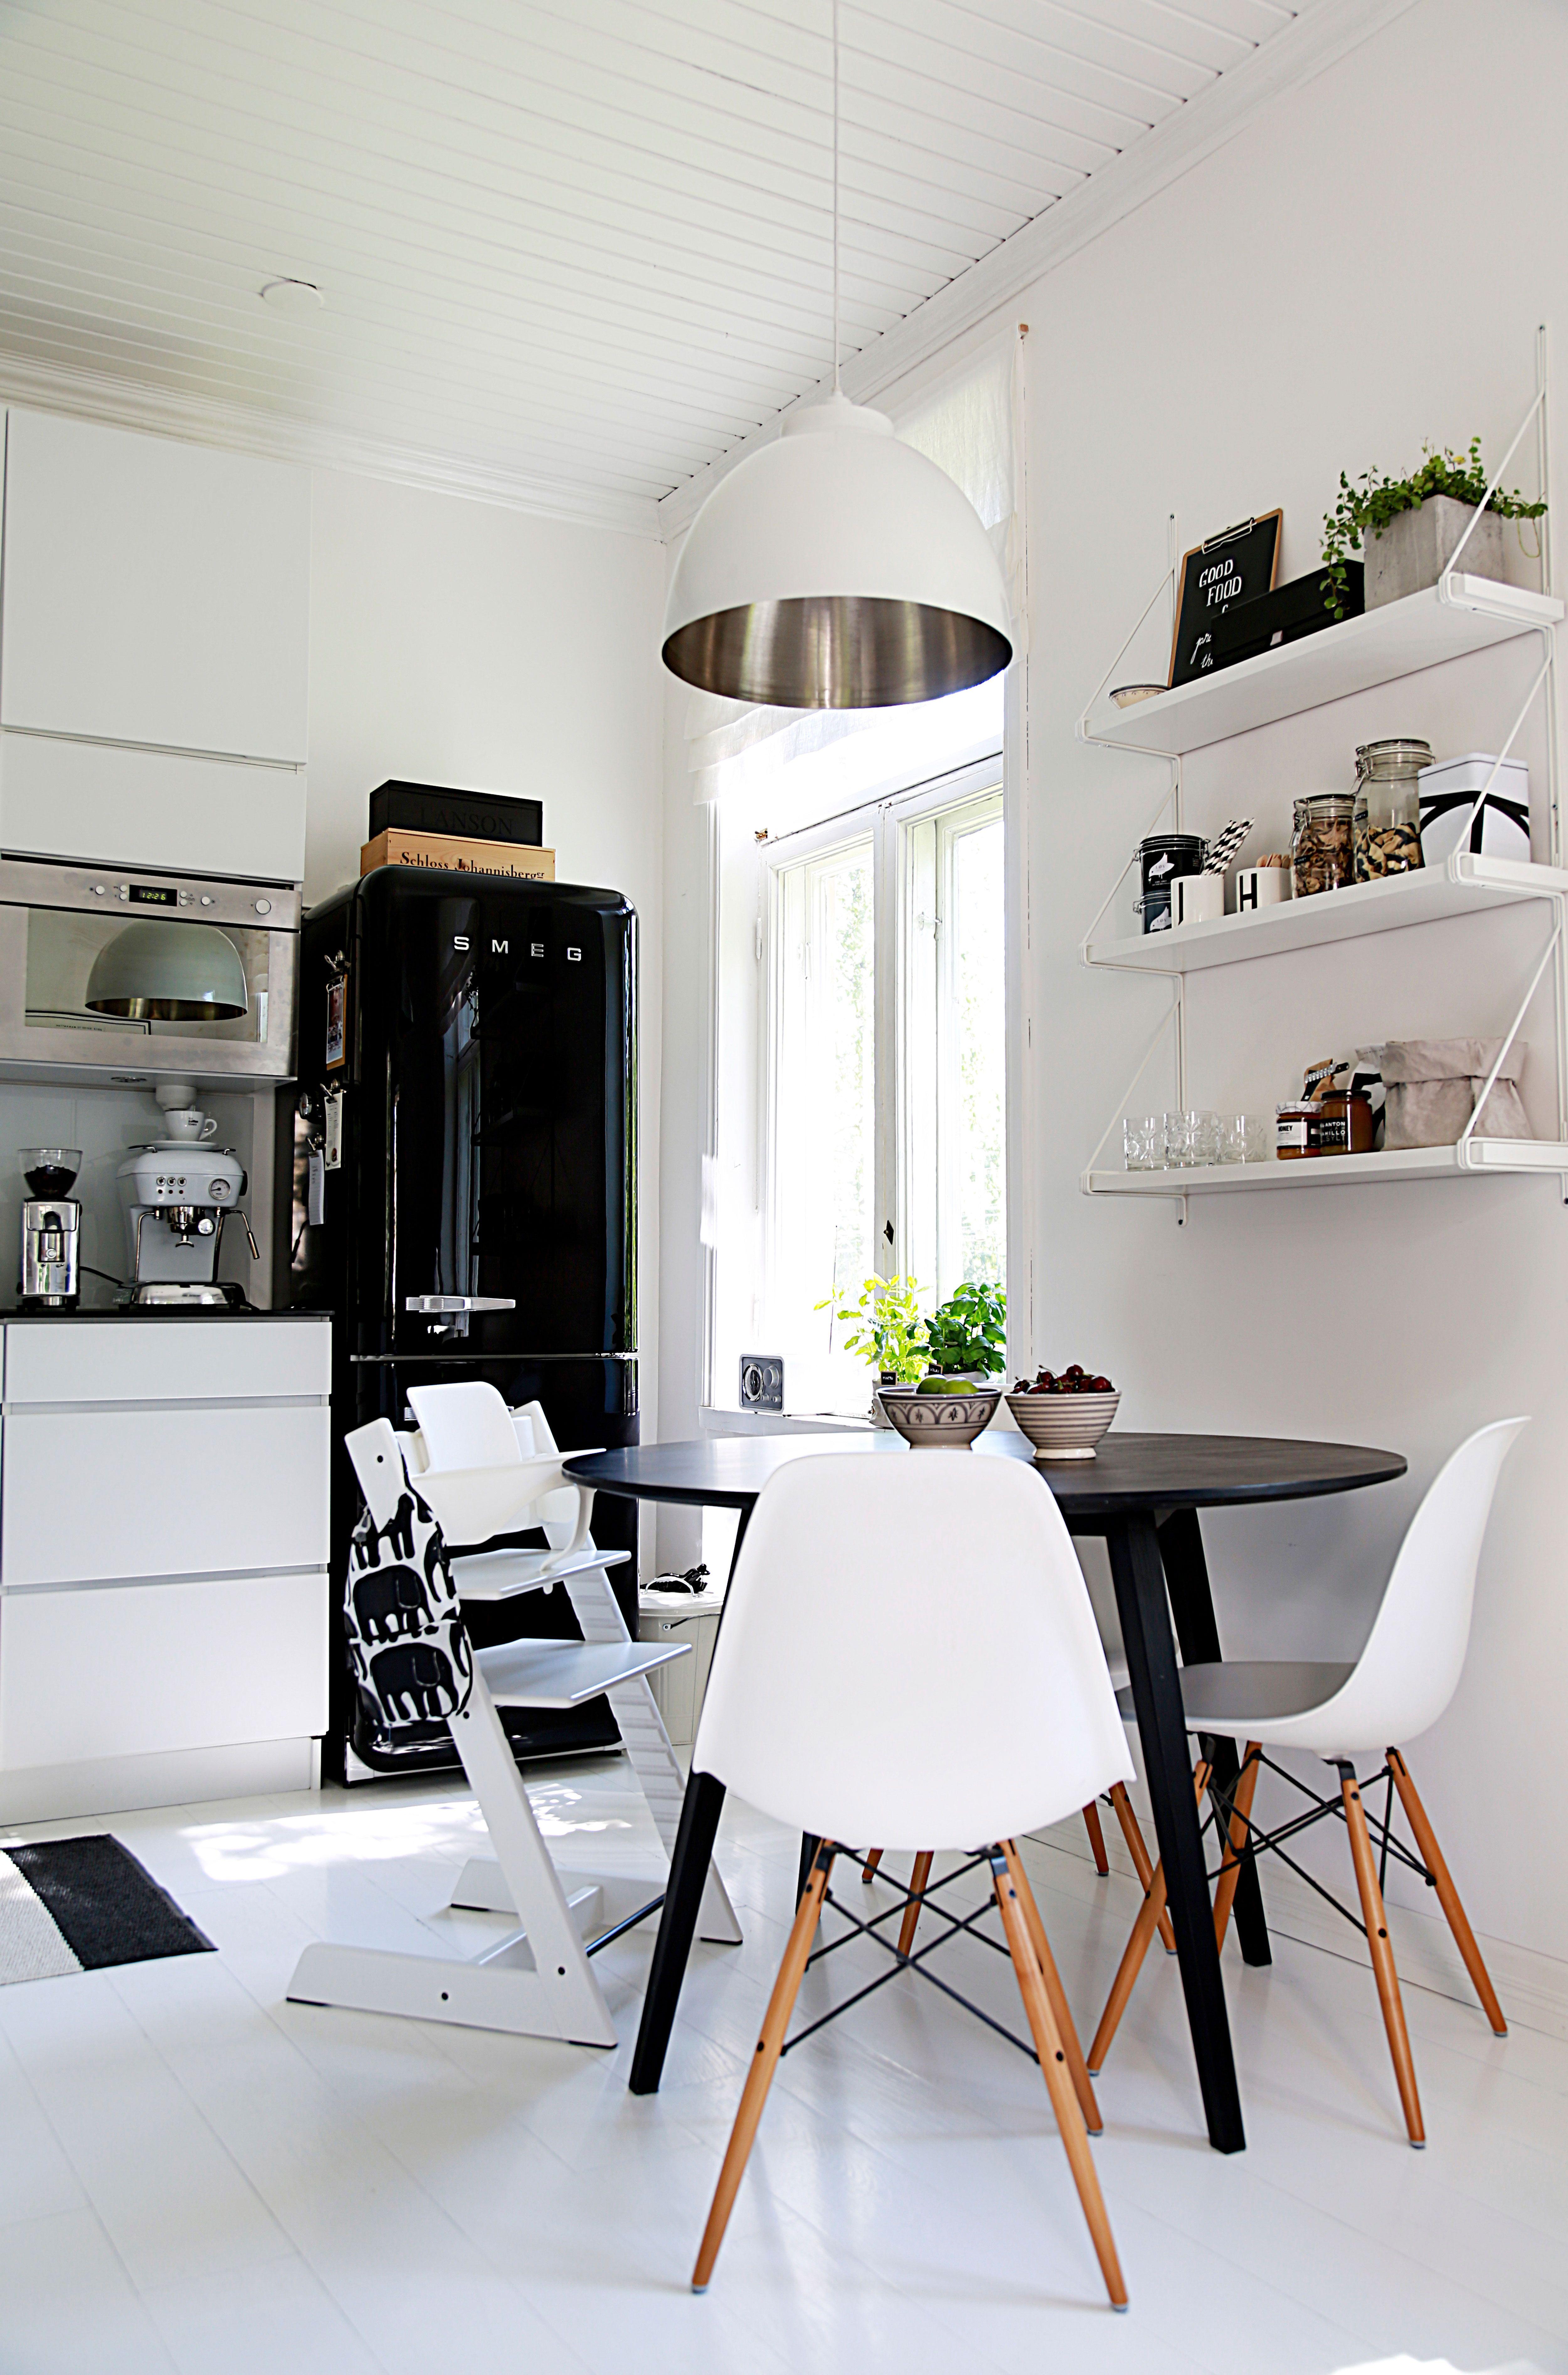 Valkoisessa ja modernissa keittiössä on käytetty paljon tanskalaista designia. Pientalo ja piha 4/2014 Kuva: Sara Huhtinen